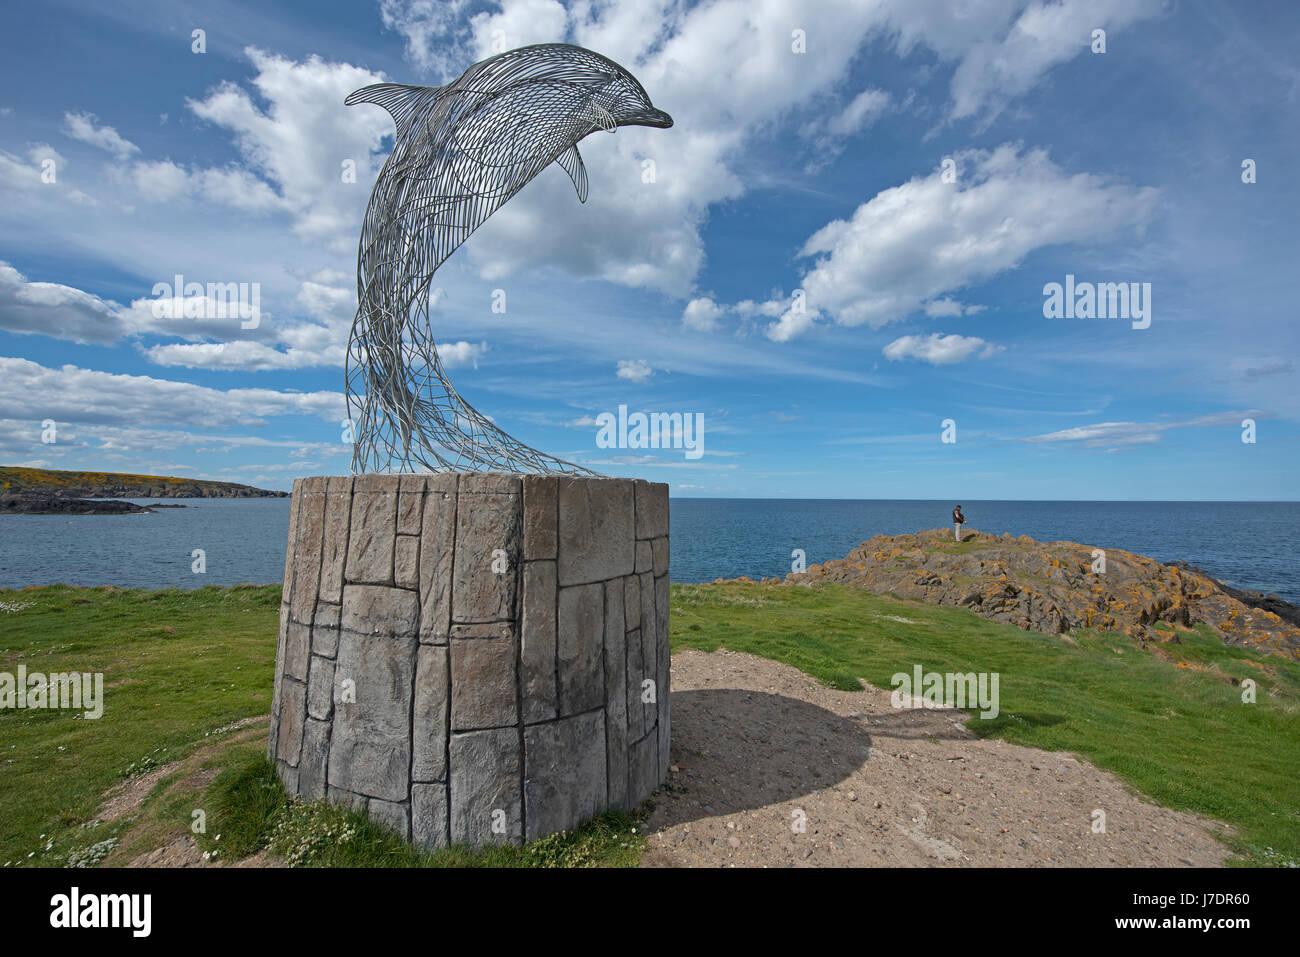 Portsoy Banff et Buchan, l'Aberdeenshire. L'Écosse. UK. Photo Stock